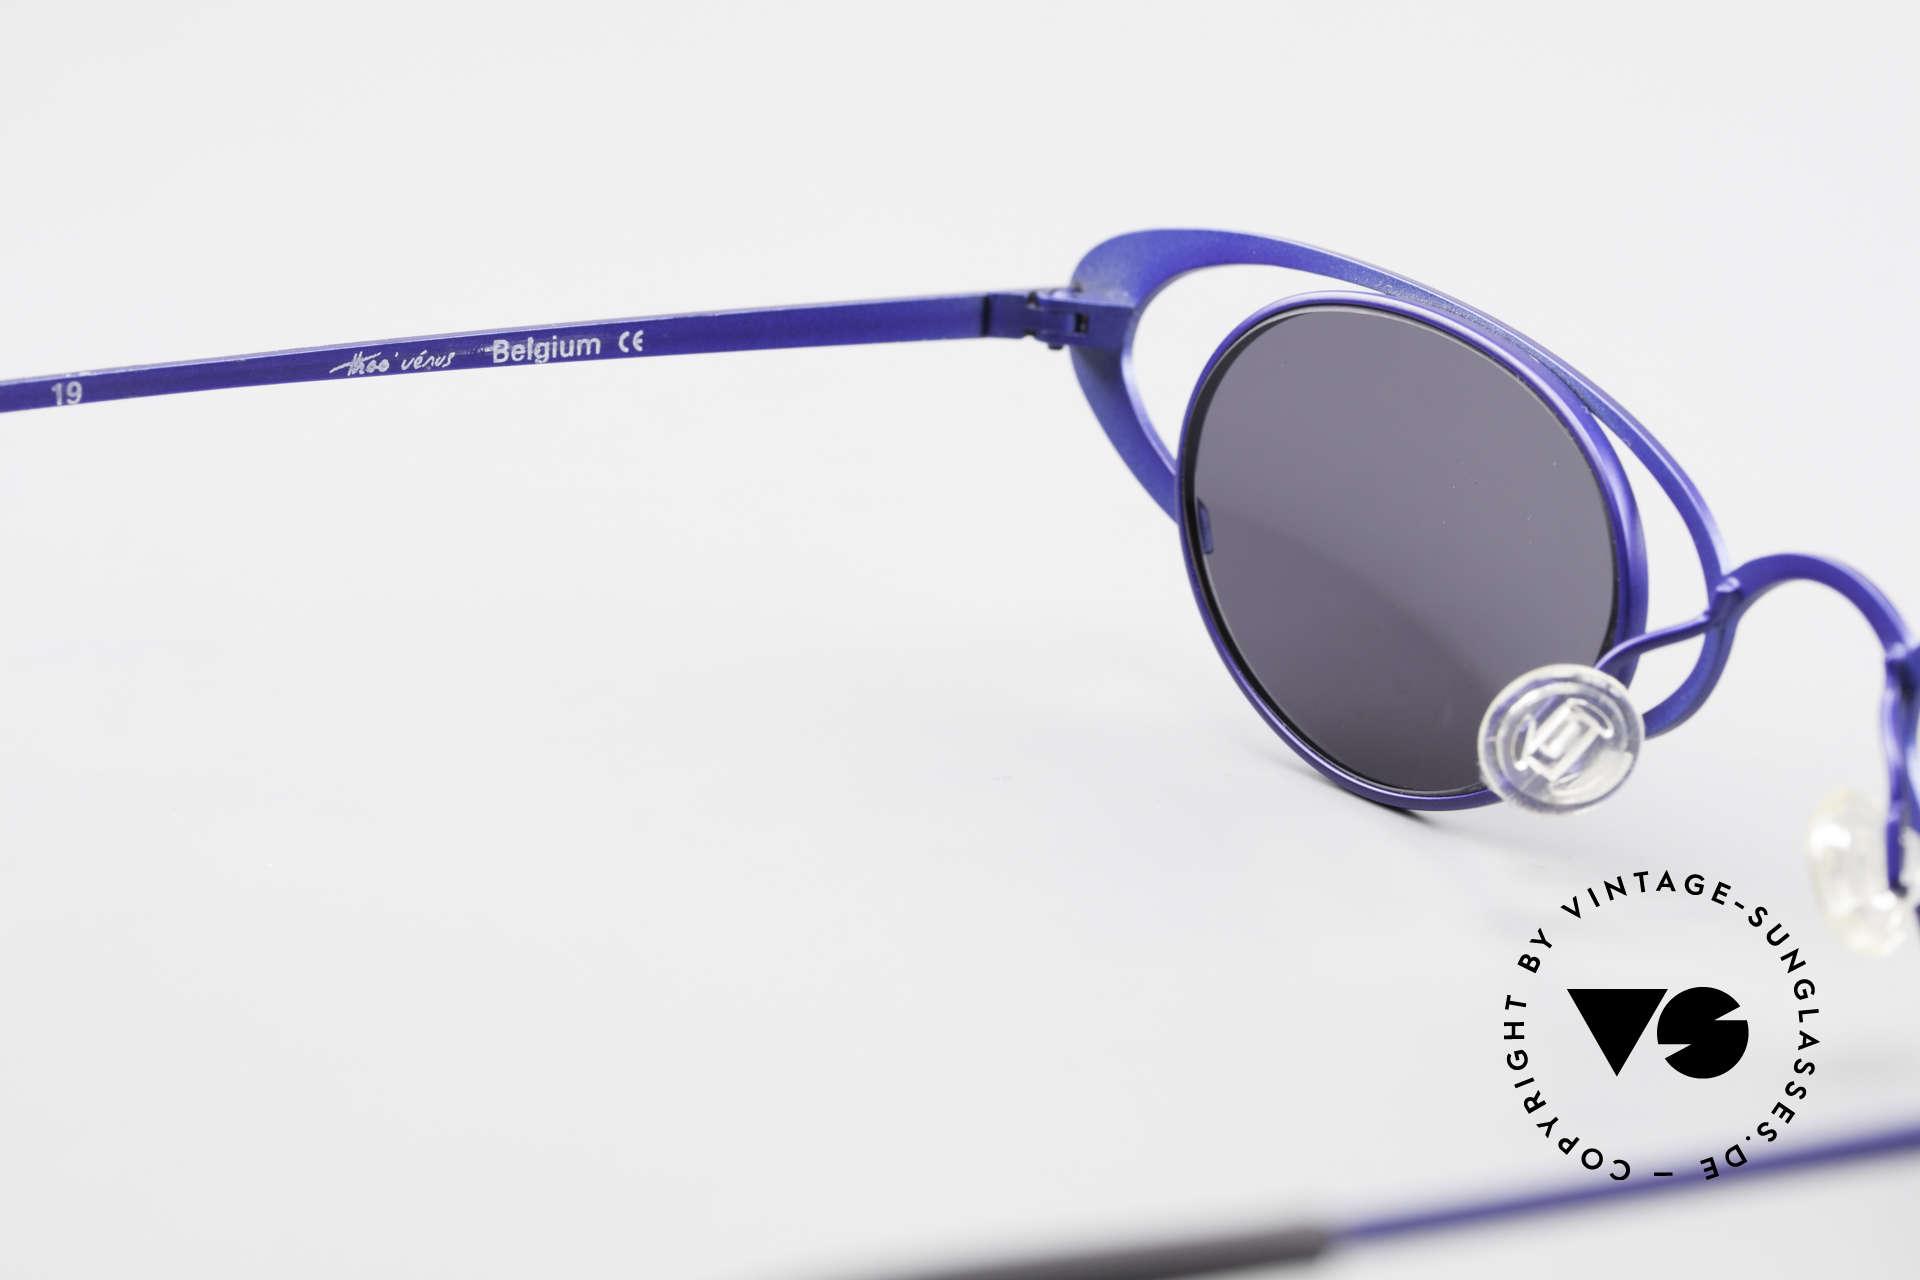 Theo Belgium Venus Zauberhafte Damenbrille 90er, sozusagen: VINTAGE Sonnenbrille mit Symbol-Charakter, Passend für Damen